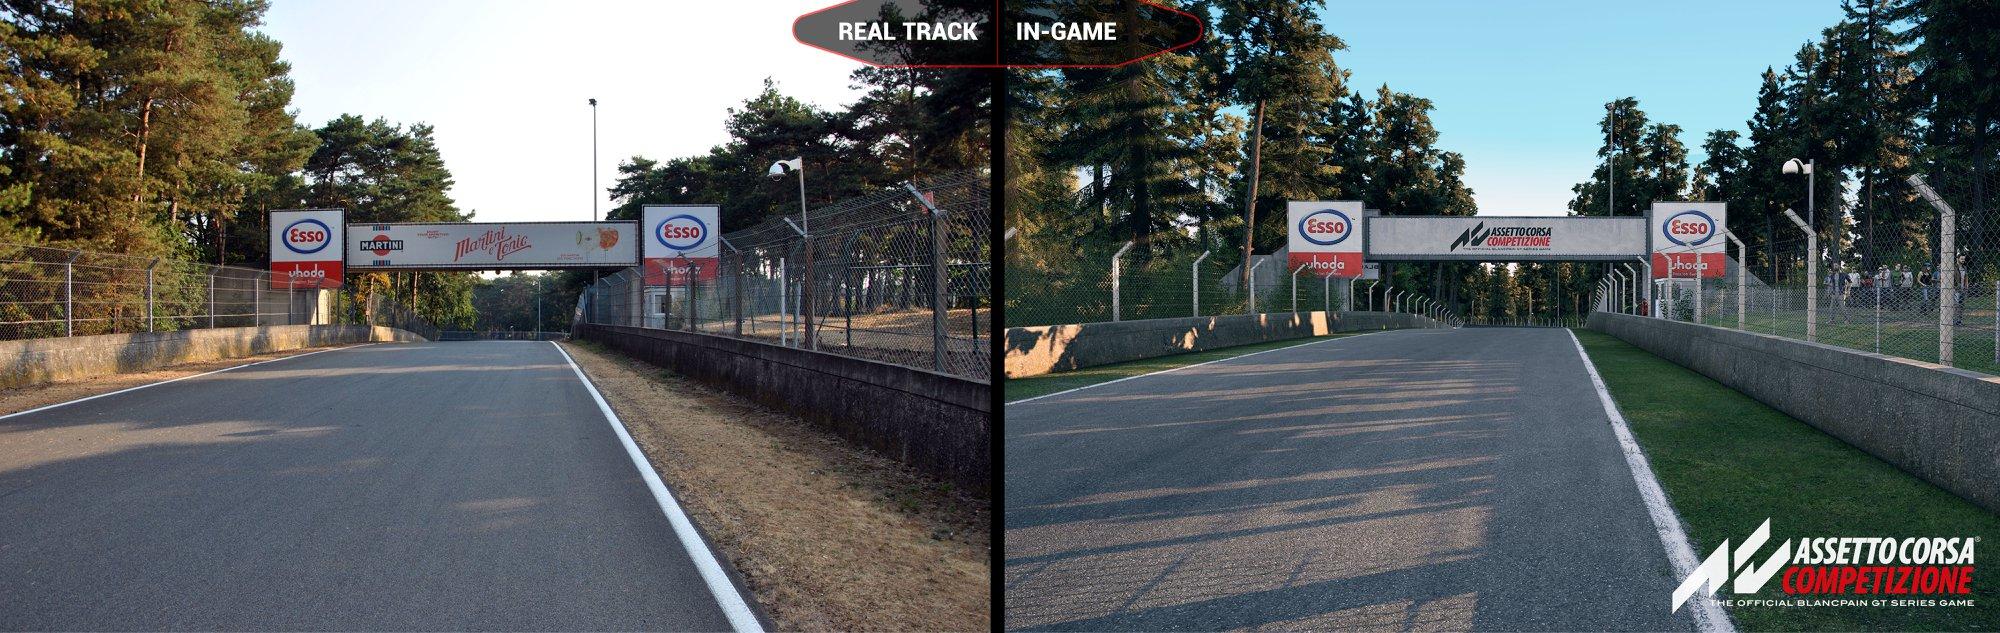 ACC Release 5 real vs virtual 6.jpg